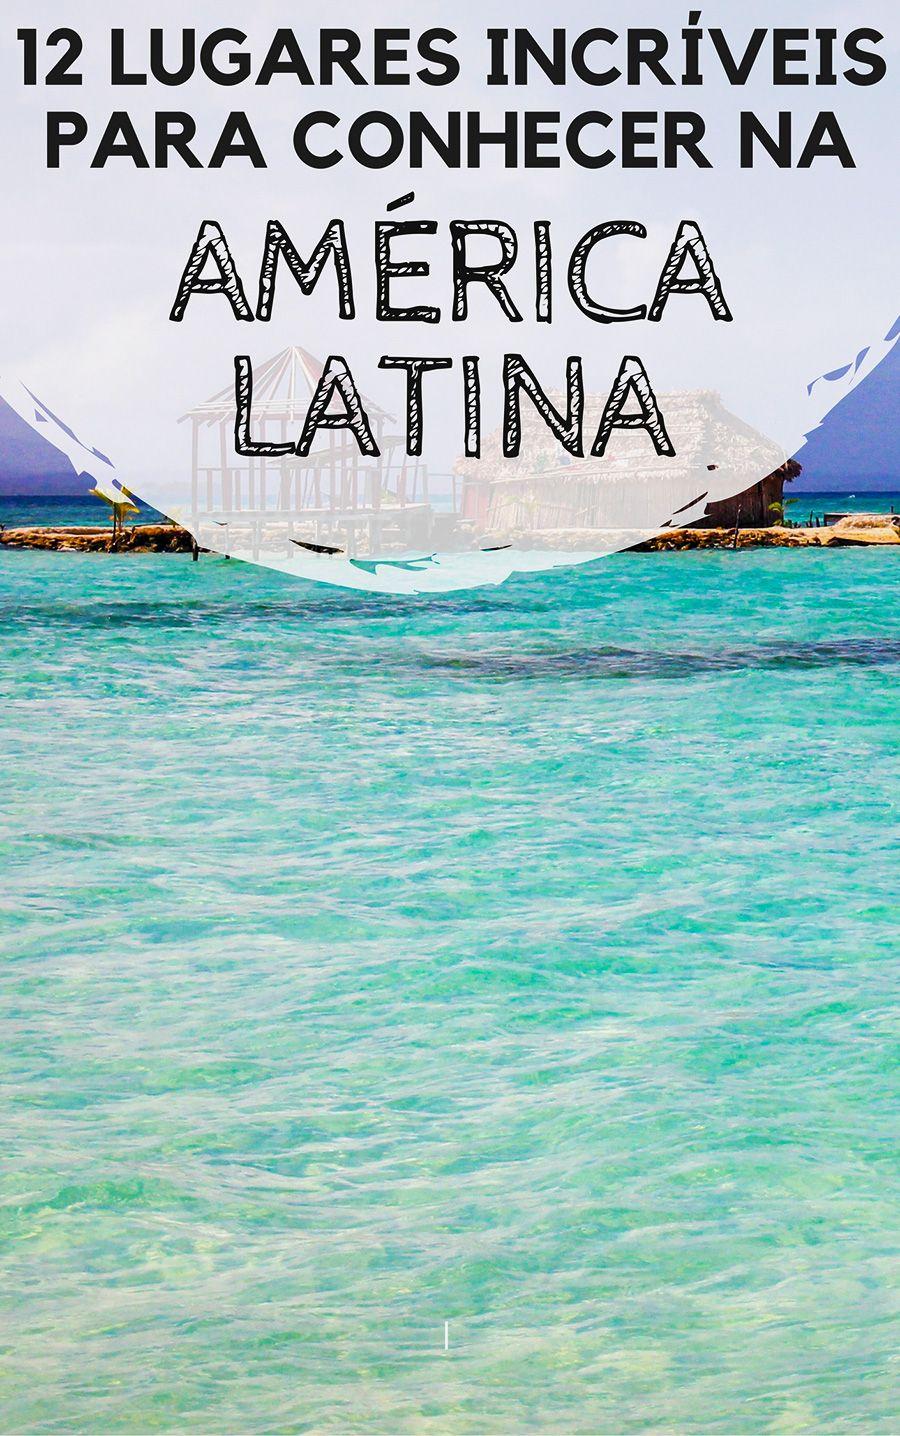 América Latina  12 lugares incríveis para você conhecer durante uma viagem!  Dicas de destinos pela América do Sul cb6e755906d